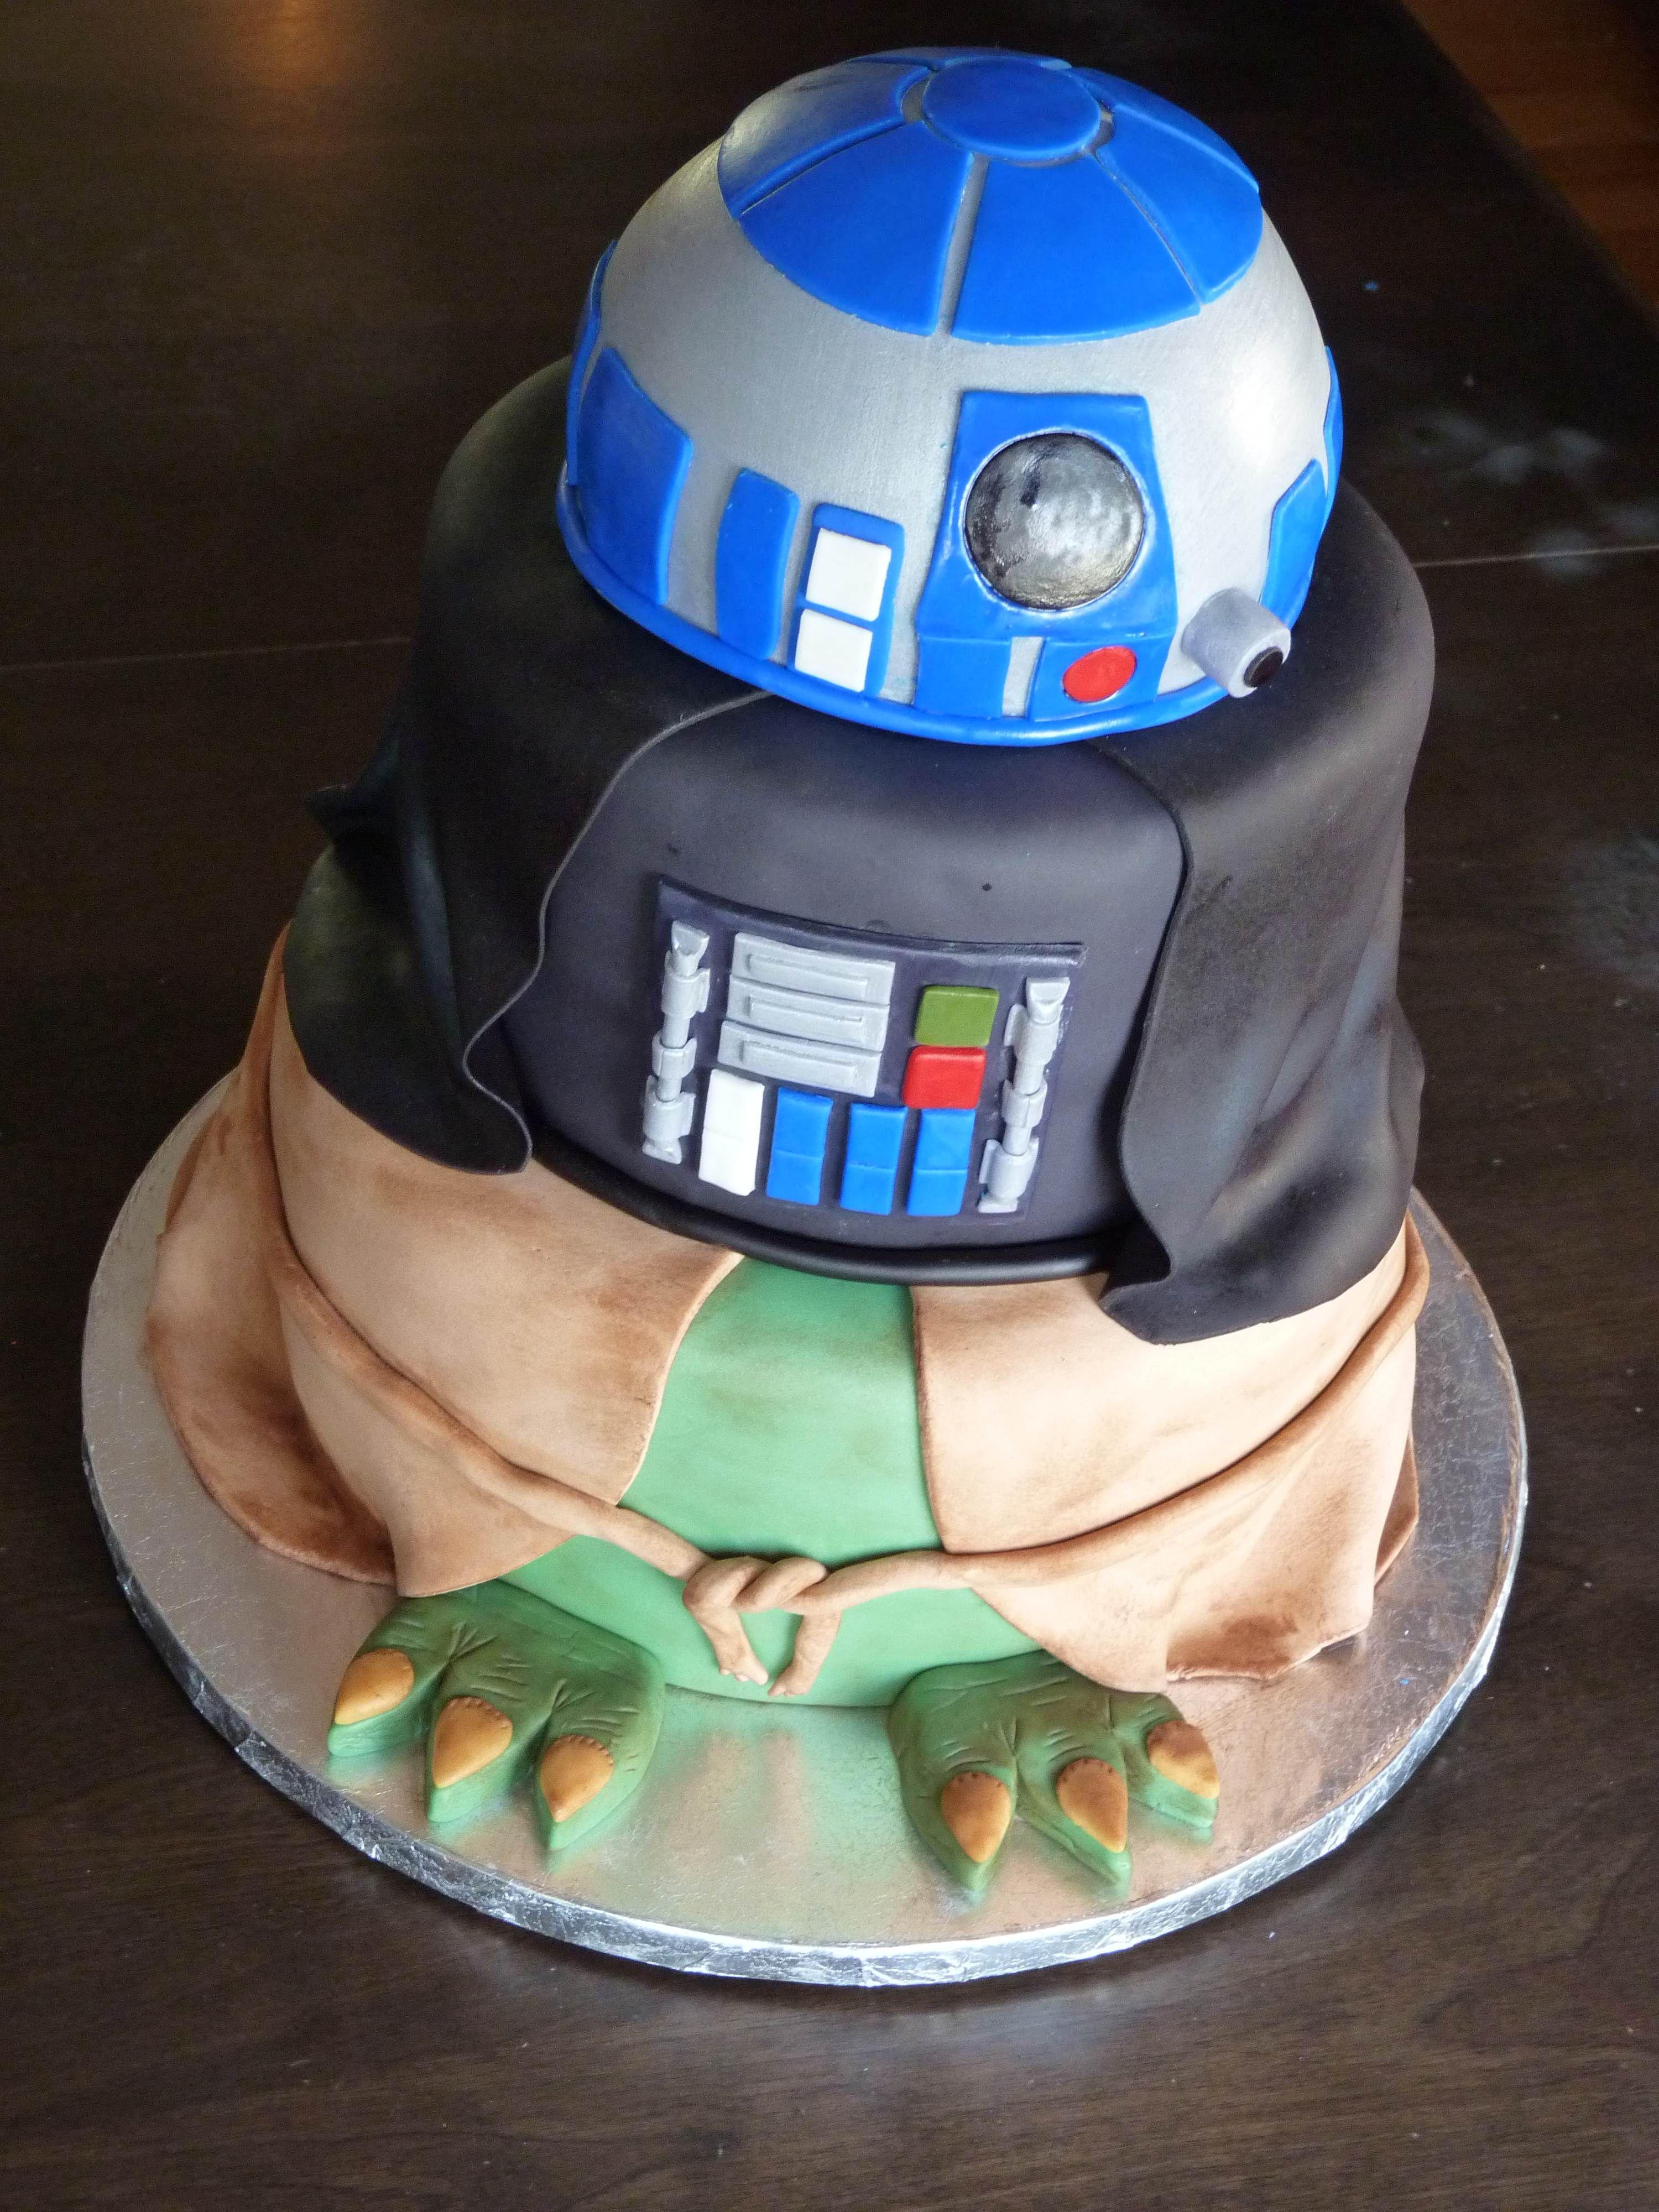 Star Wars Cake Star Wars Kuchen Geburtstagsfeier Ideen Star Wars Geburtstag